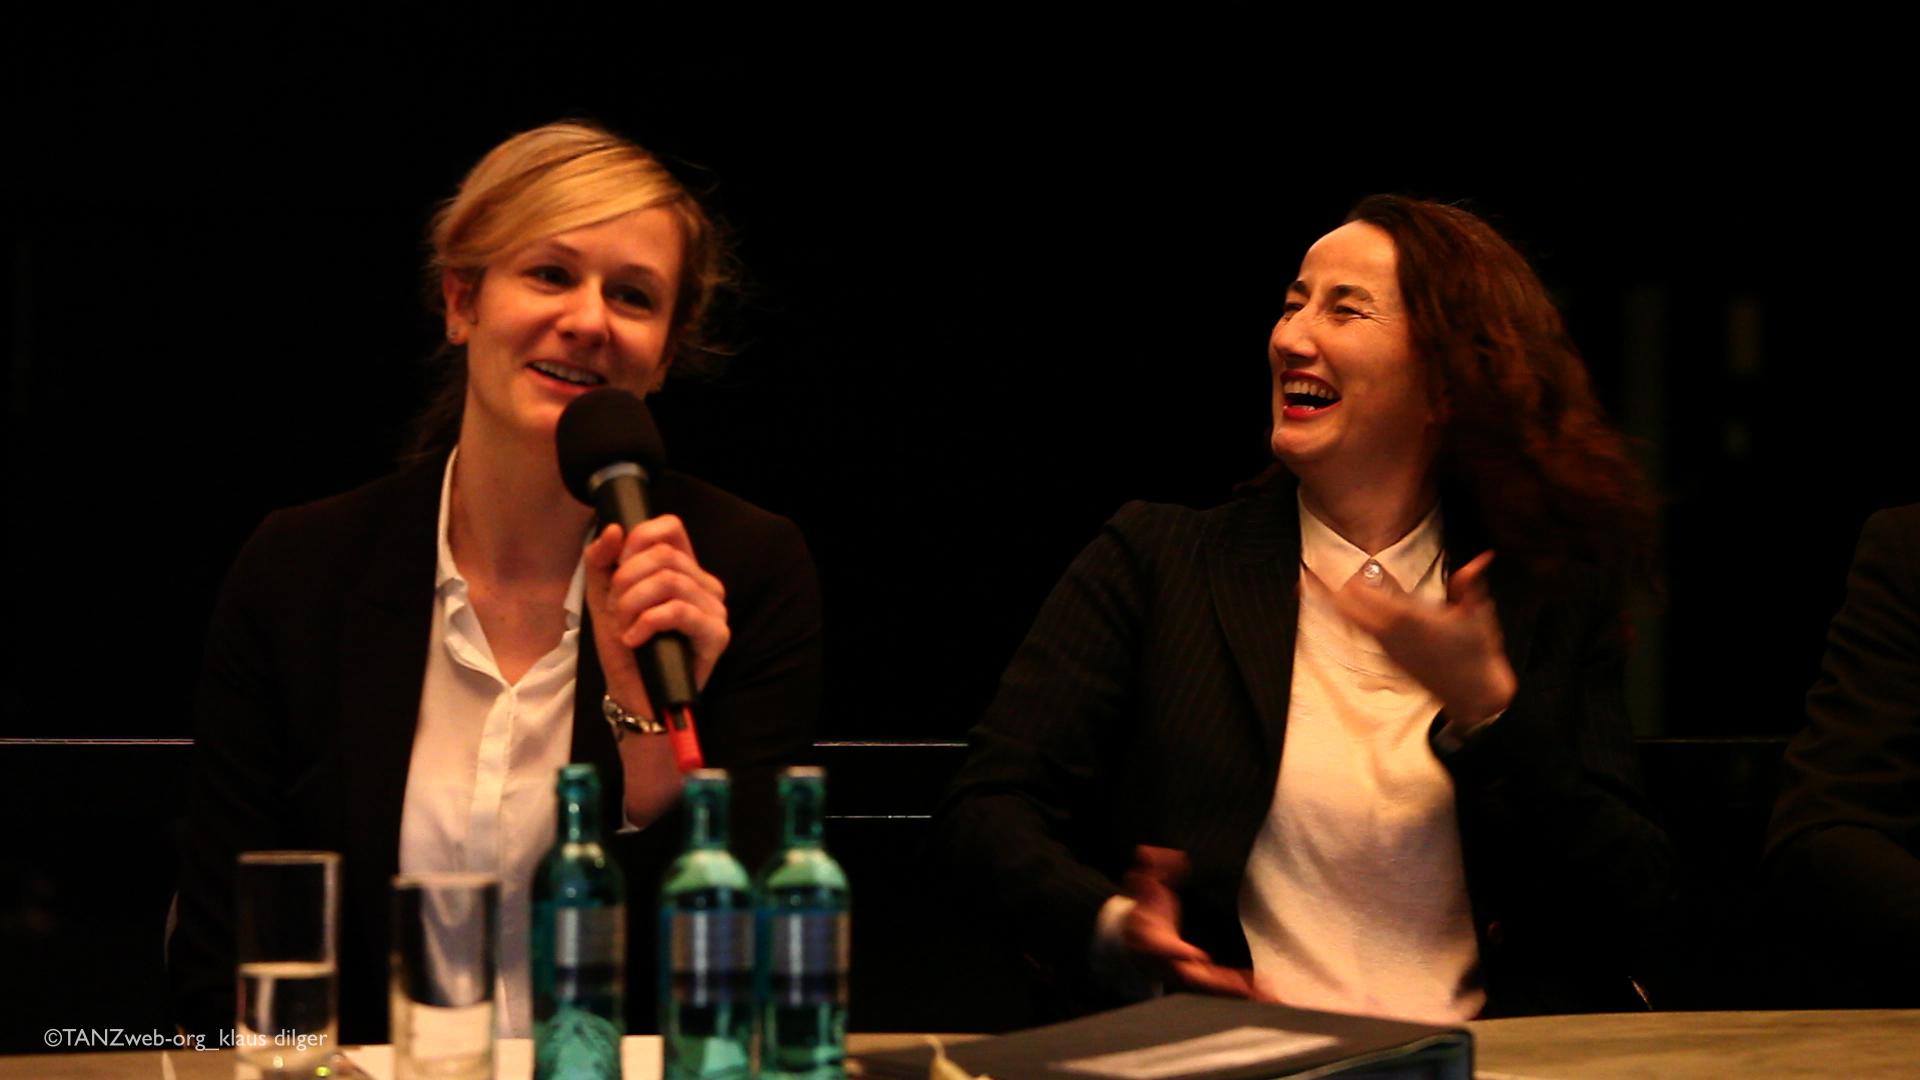 noch nicht lange her... die damalige Ministerin des Landes NRW Christina Kampmann bei der Vorstellung von Adolphe Binder als neue Intendantin und Künstlerische Leiterin